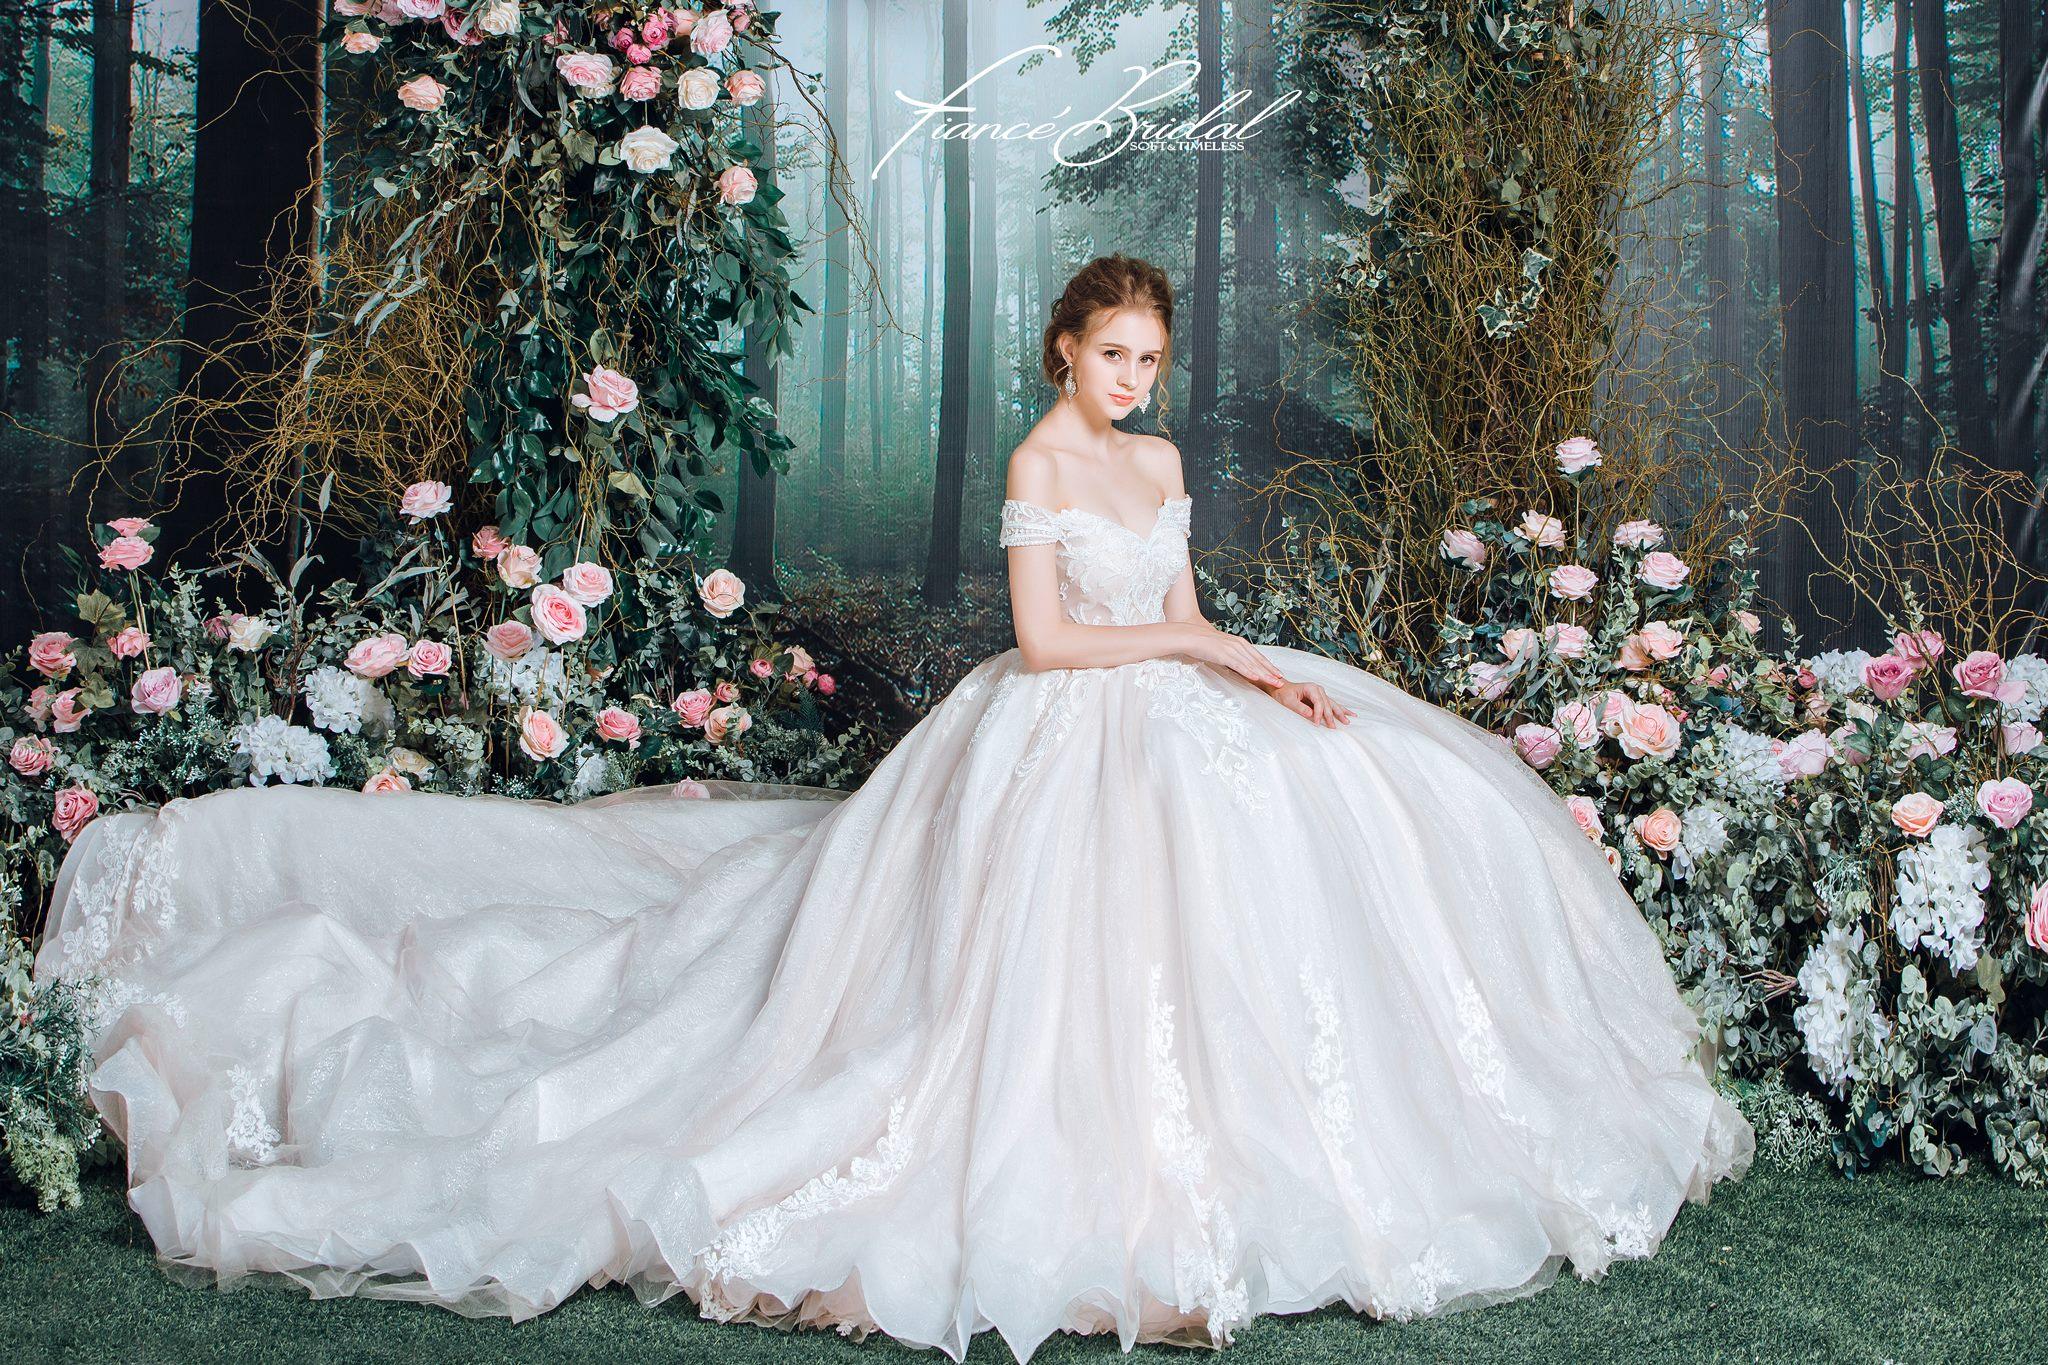 Nếu có ý định tìm cho mình một chiếc váy cưới thật chất, đây là gợi ý cho bạn - Ảnh 4.